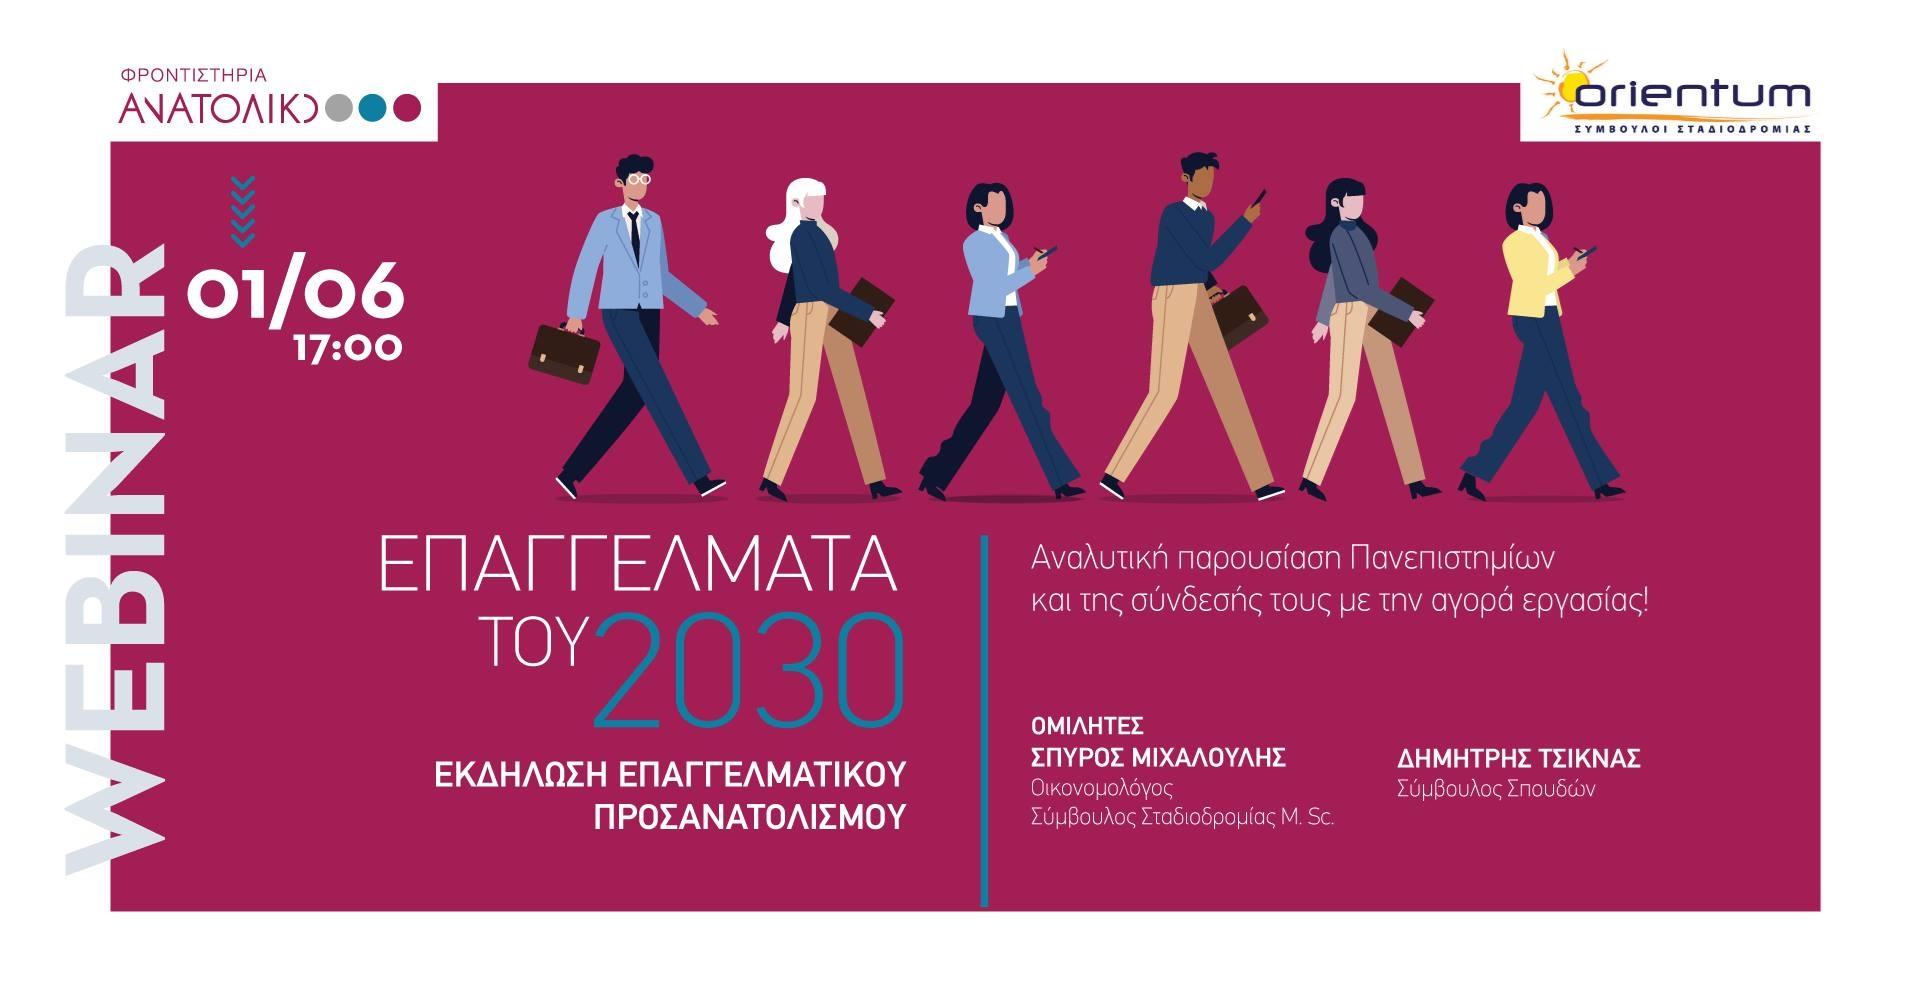 Ημέρα Σταδιοδρομίας - «Επαγγέλματα του 2030» / Φροντιστήρια ΑΝΑΤΟΛΙΚΟ